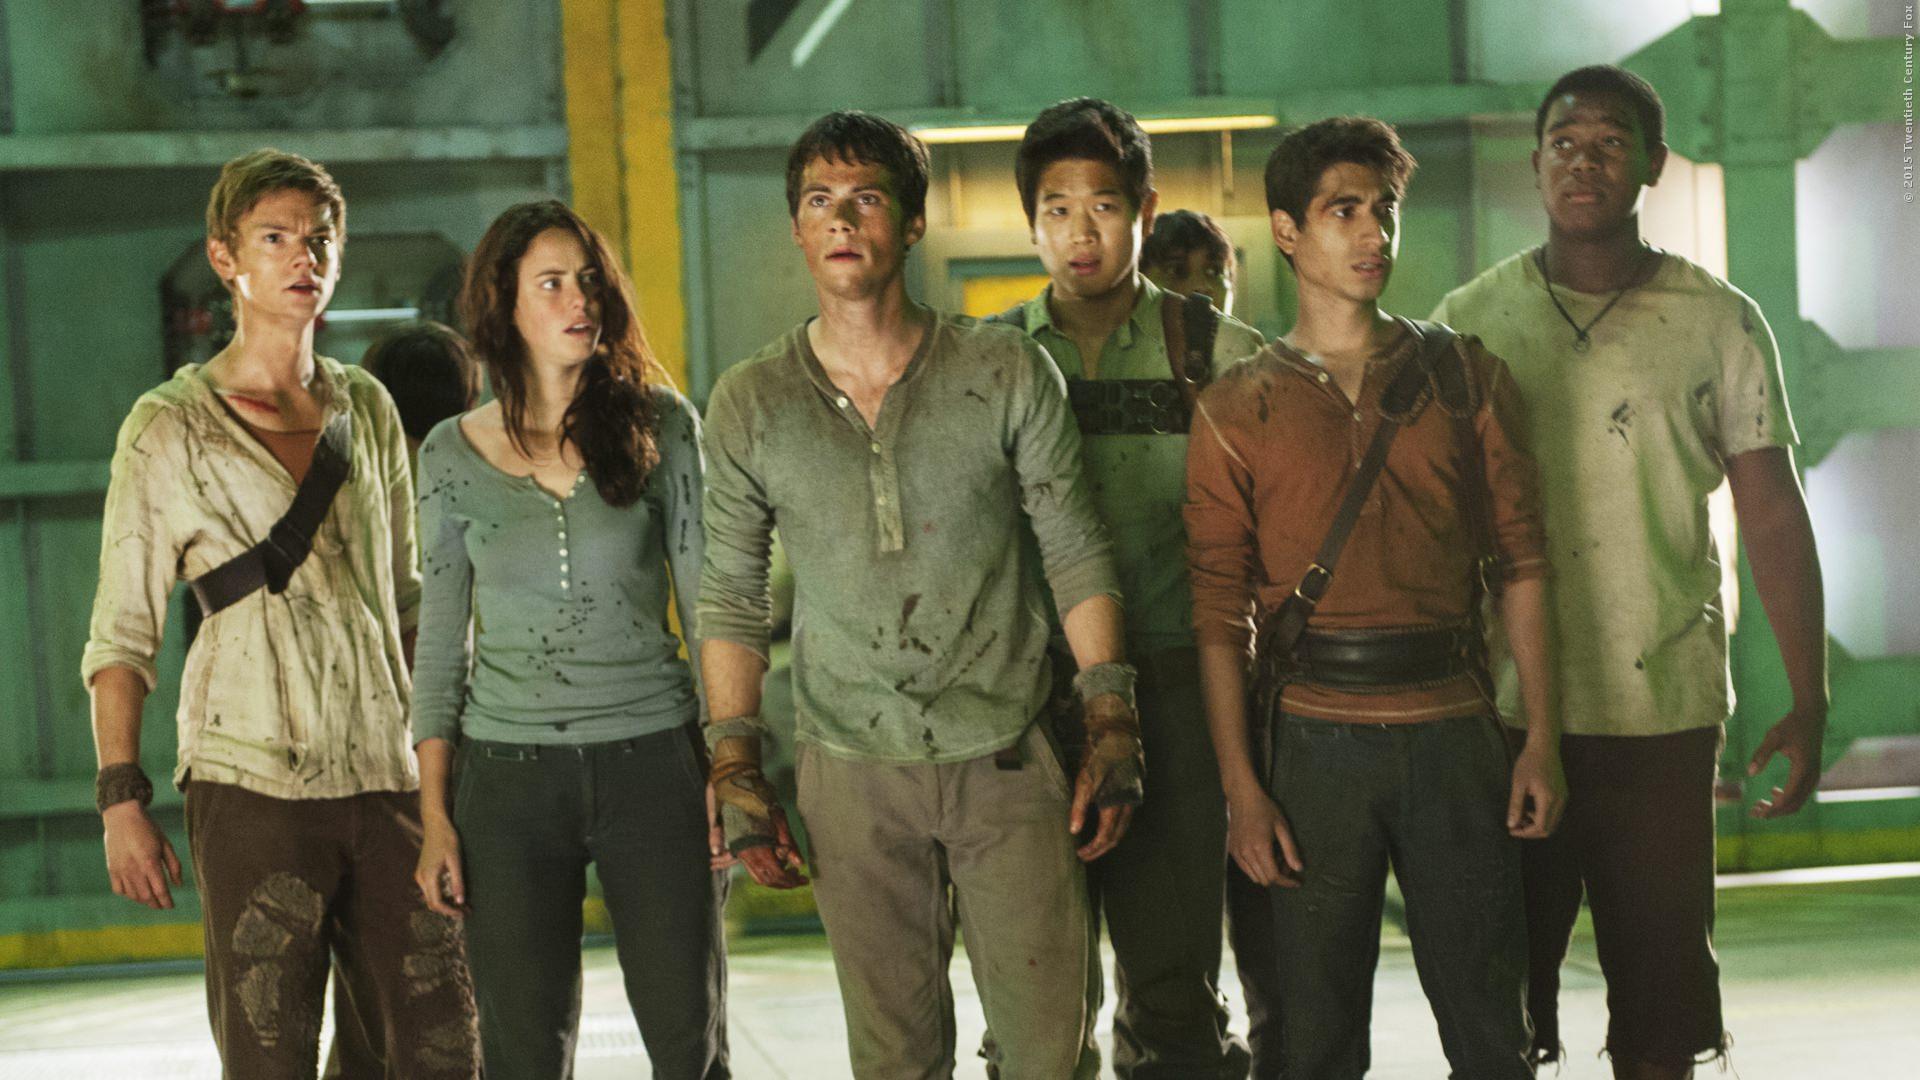 Newt (Thomas Brodie-Sangster), Teresa (Kaya Scodelario), Thomas (Dylan OBrien) und Minho (Ki Hong Lee)